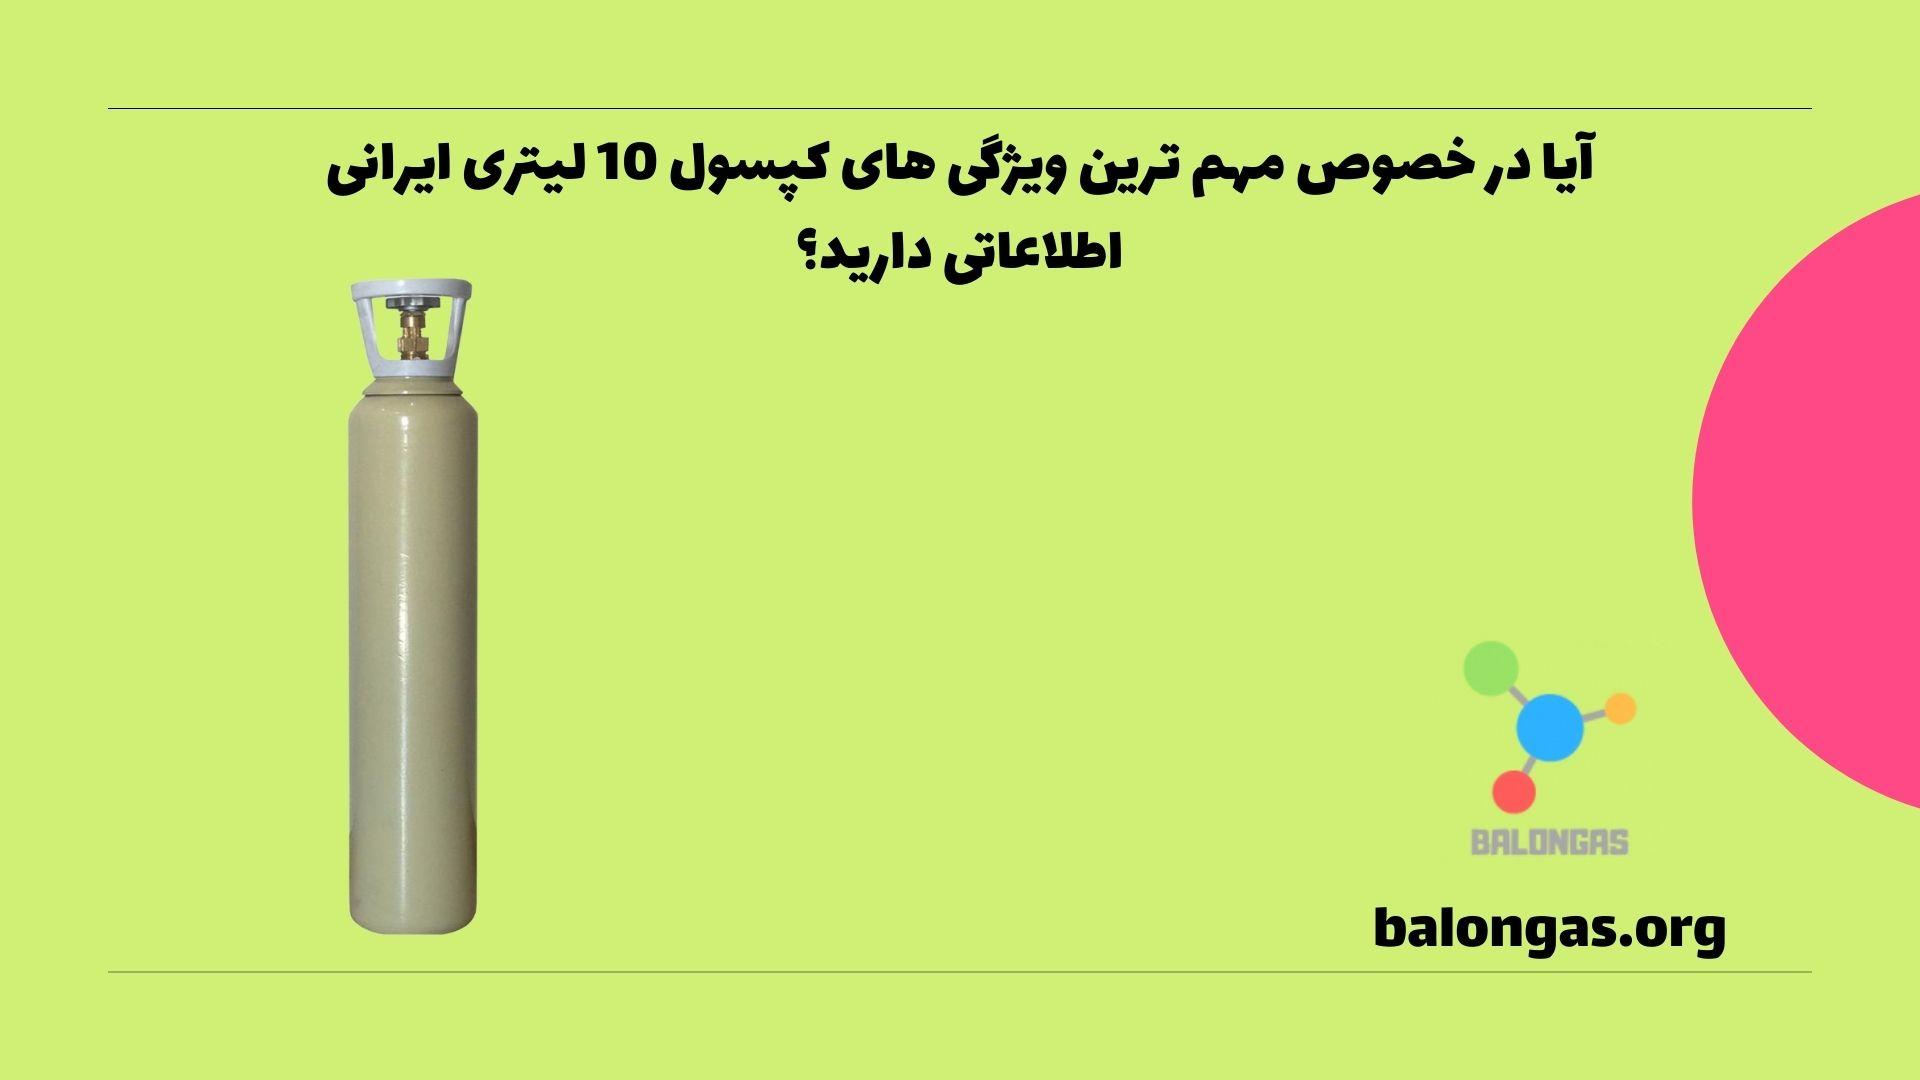 آیا در خصوص مهم ترین ویژگی های کپسول 10 لیتری ایرانی اطلاعاتی دارید؟